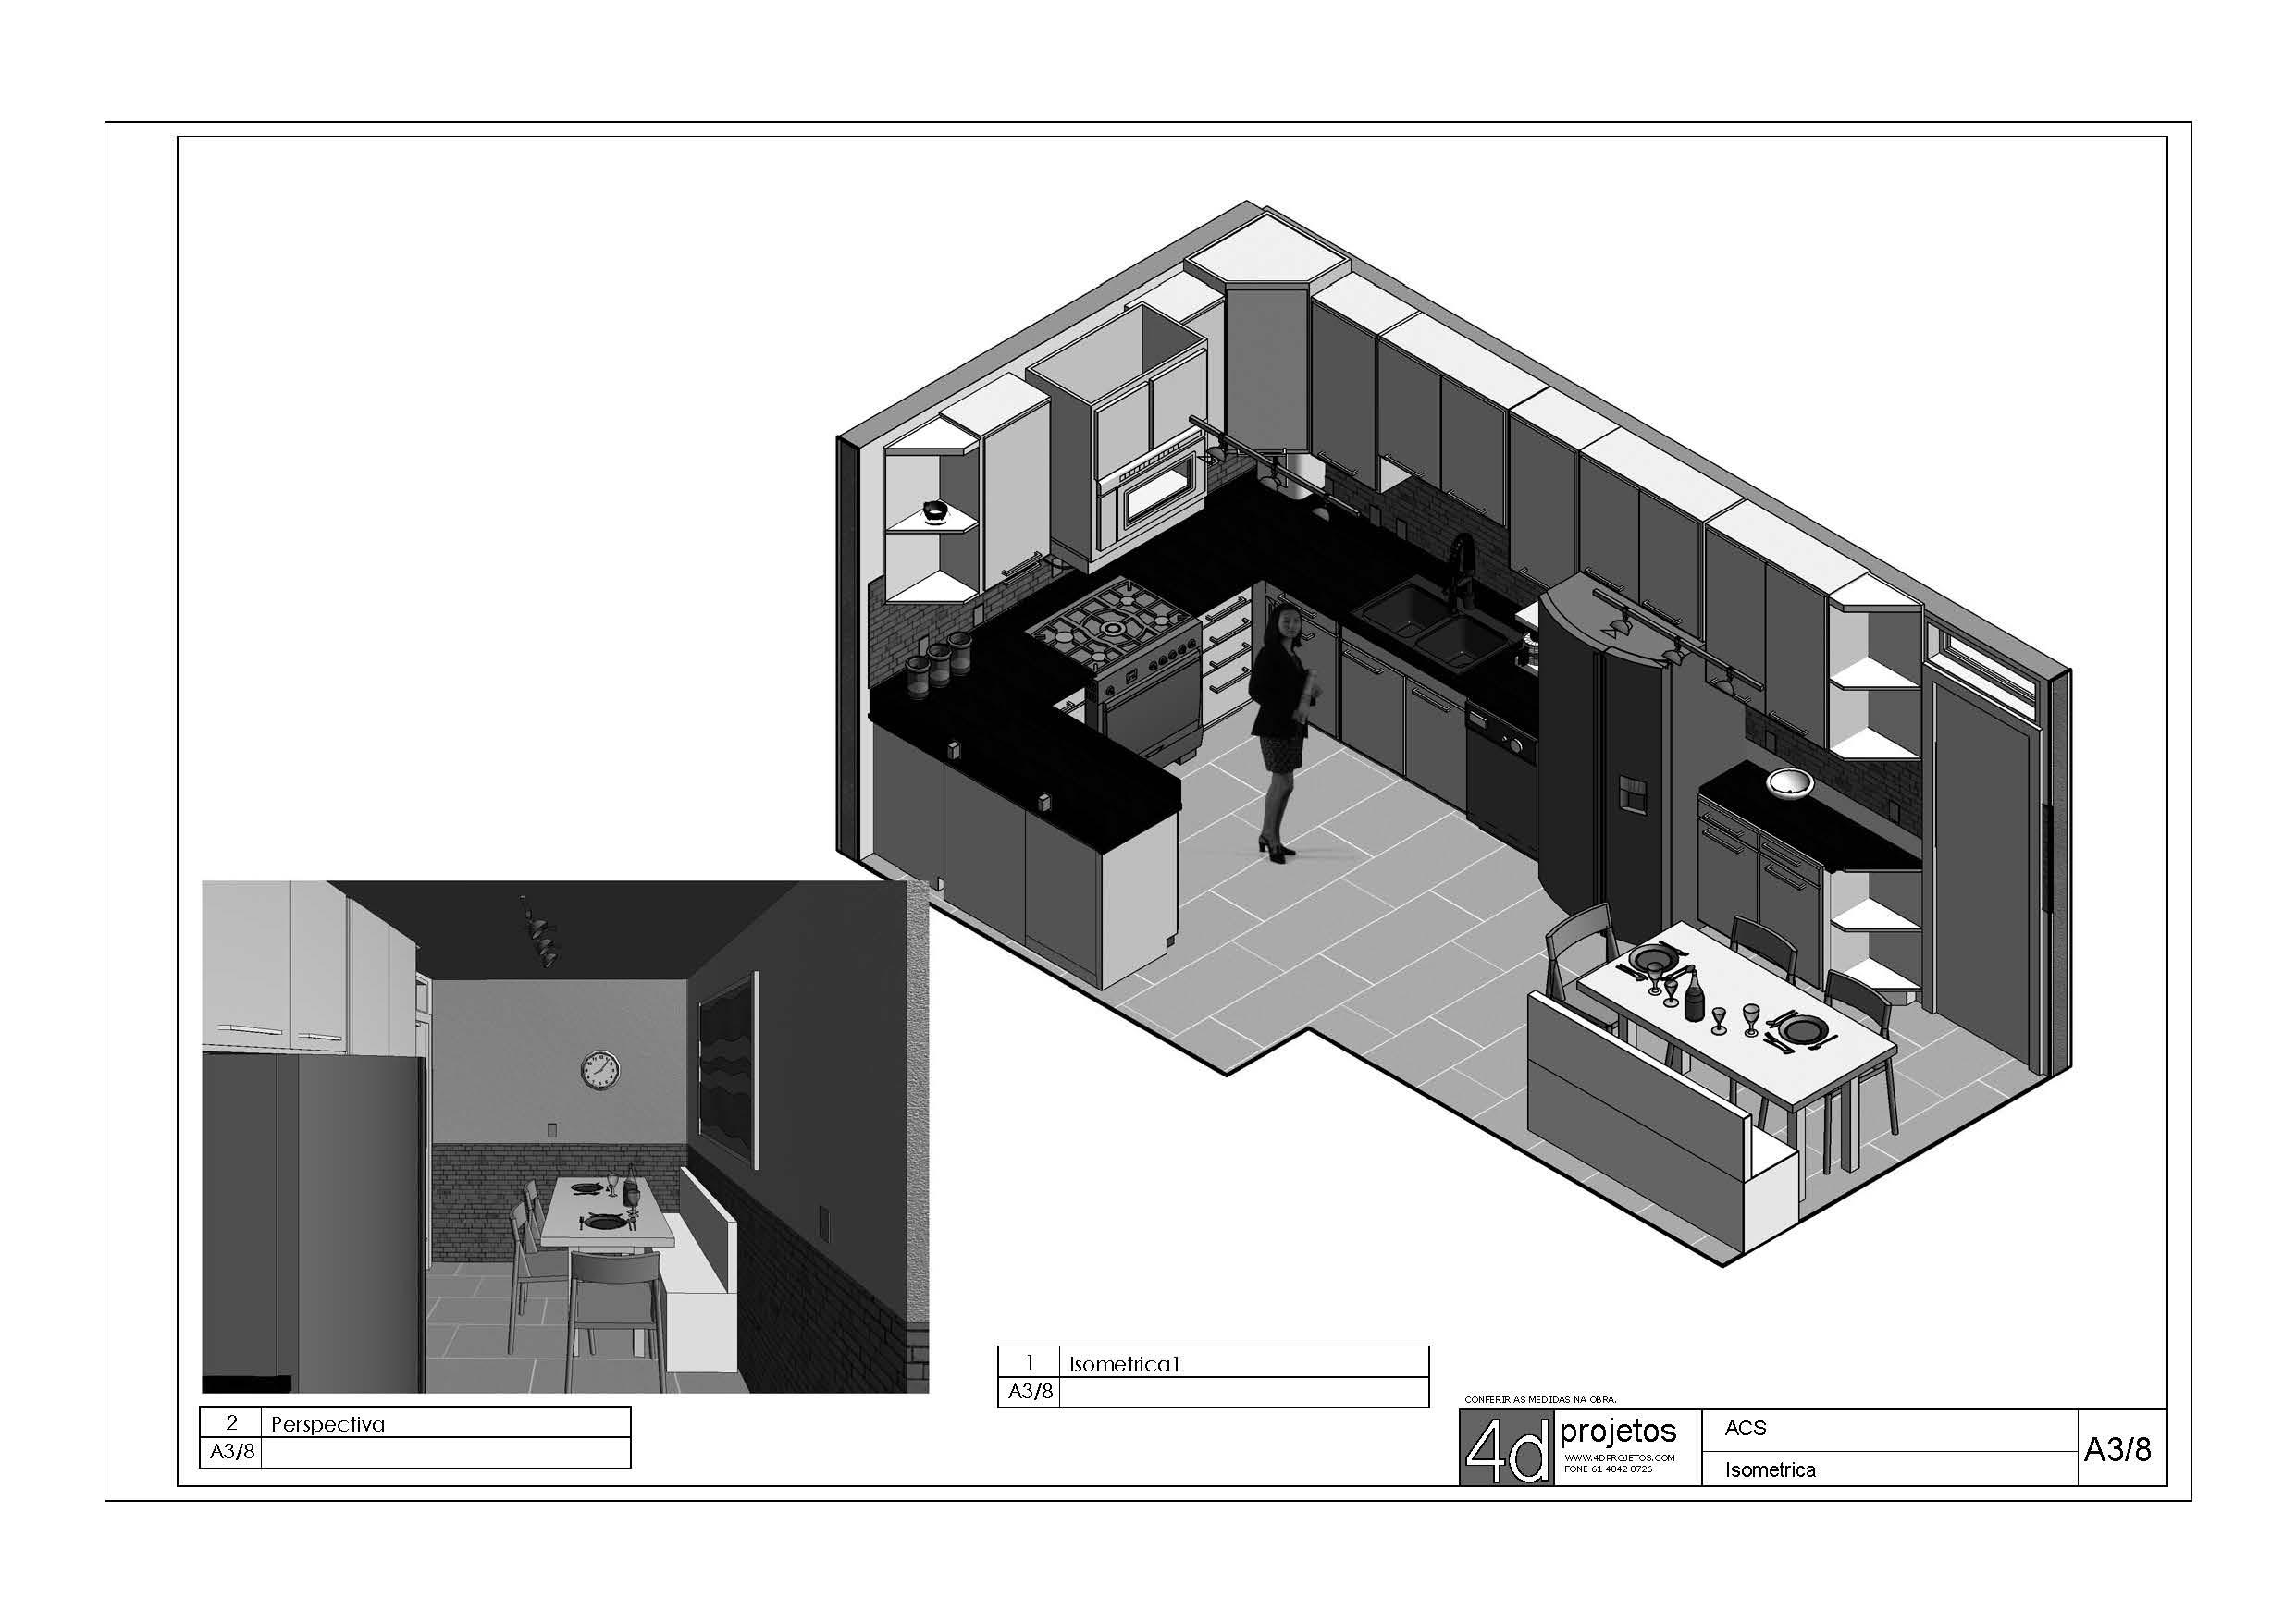 PROJETOS DE COZINHA 4d Projetos Arquitetura Sustentável #666666 2482 1755